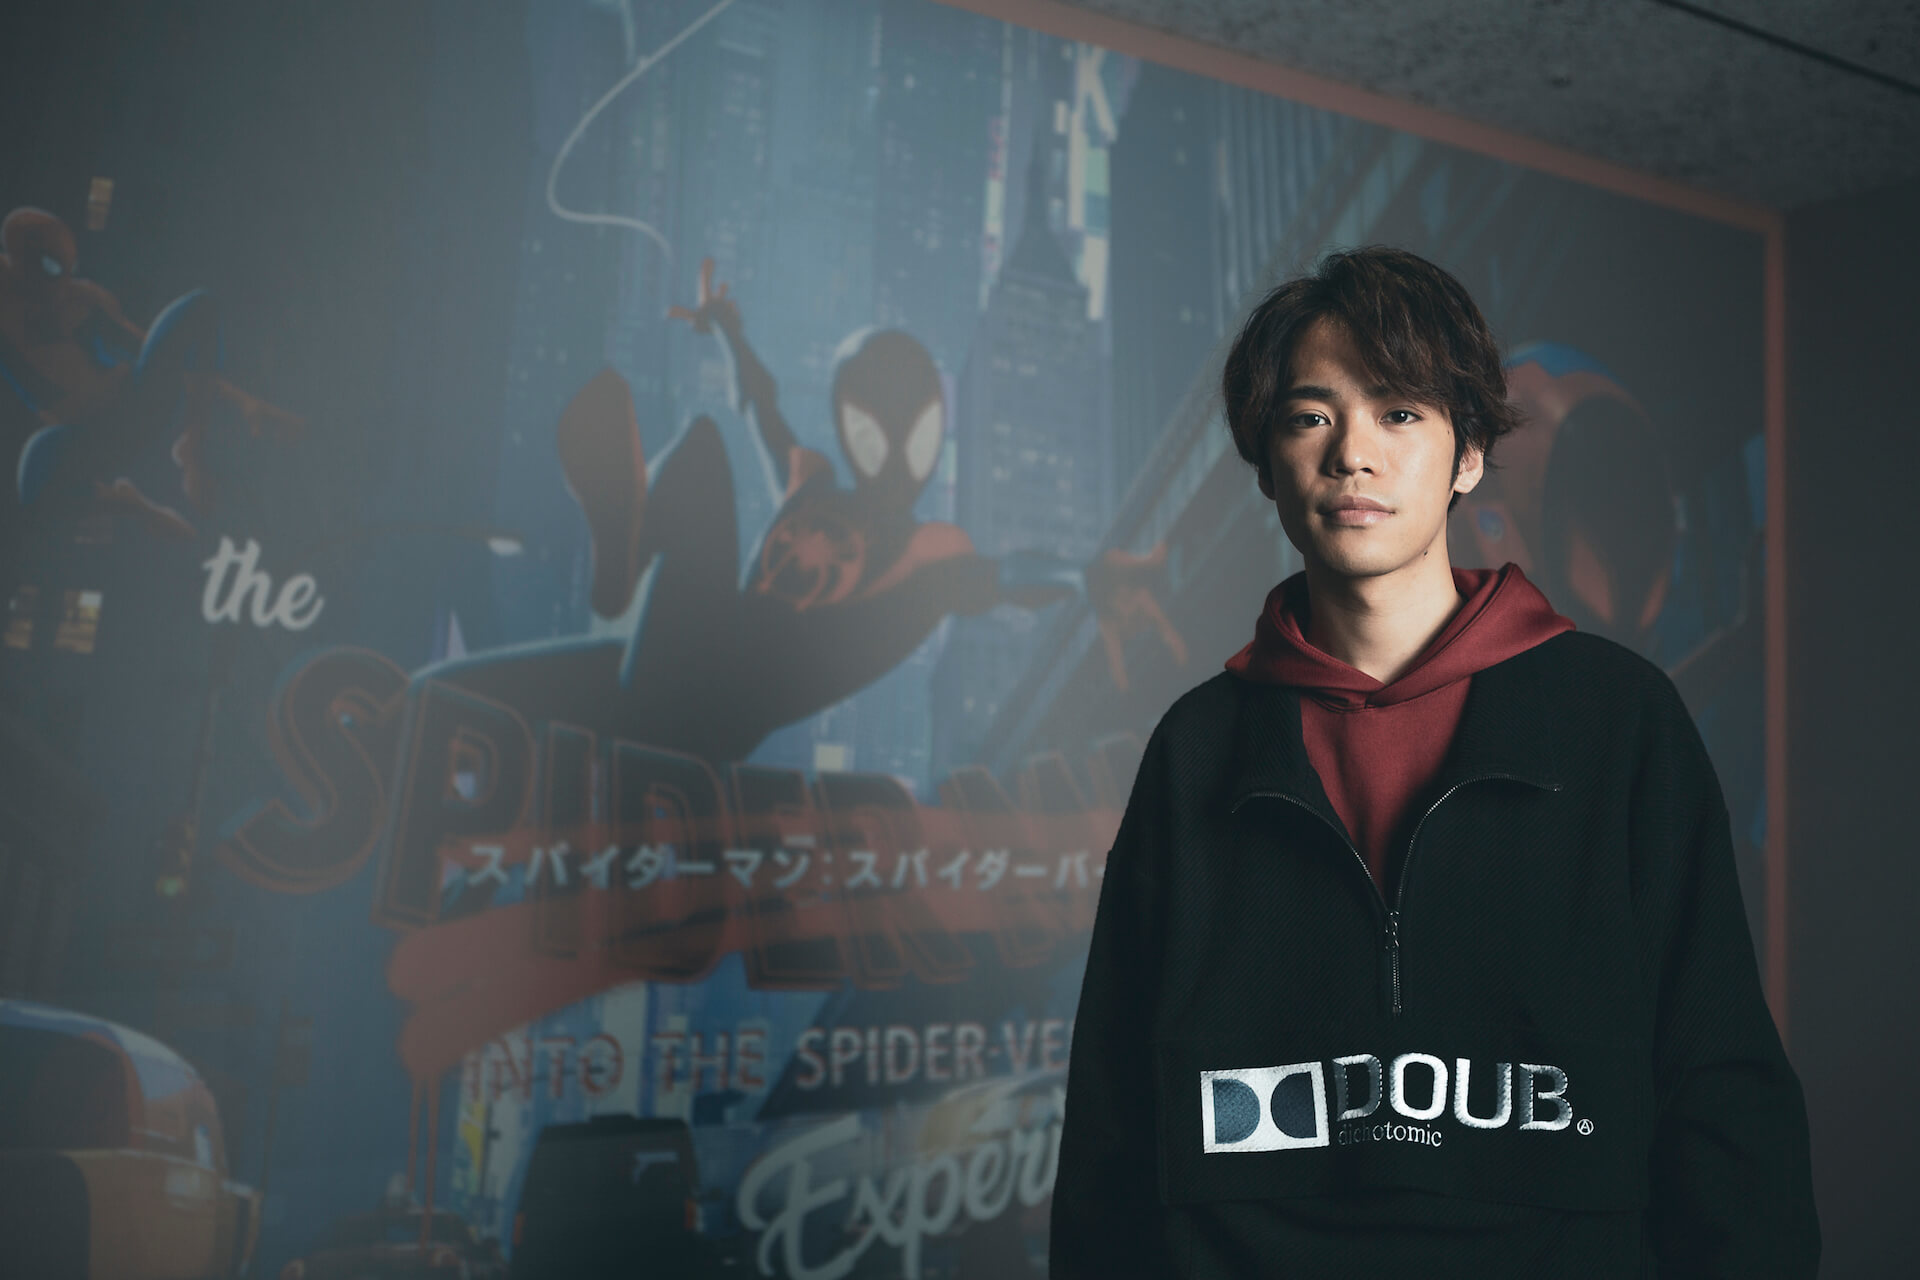 マイルス役・小野賢章が語る、憧れのスパイダーマンを演じて感じたマーベル熱 interview190218-spider-verse-ono-kensho-28